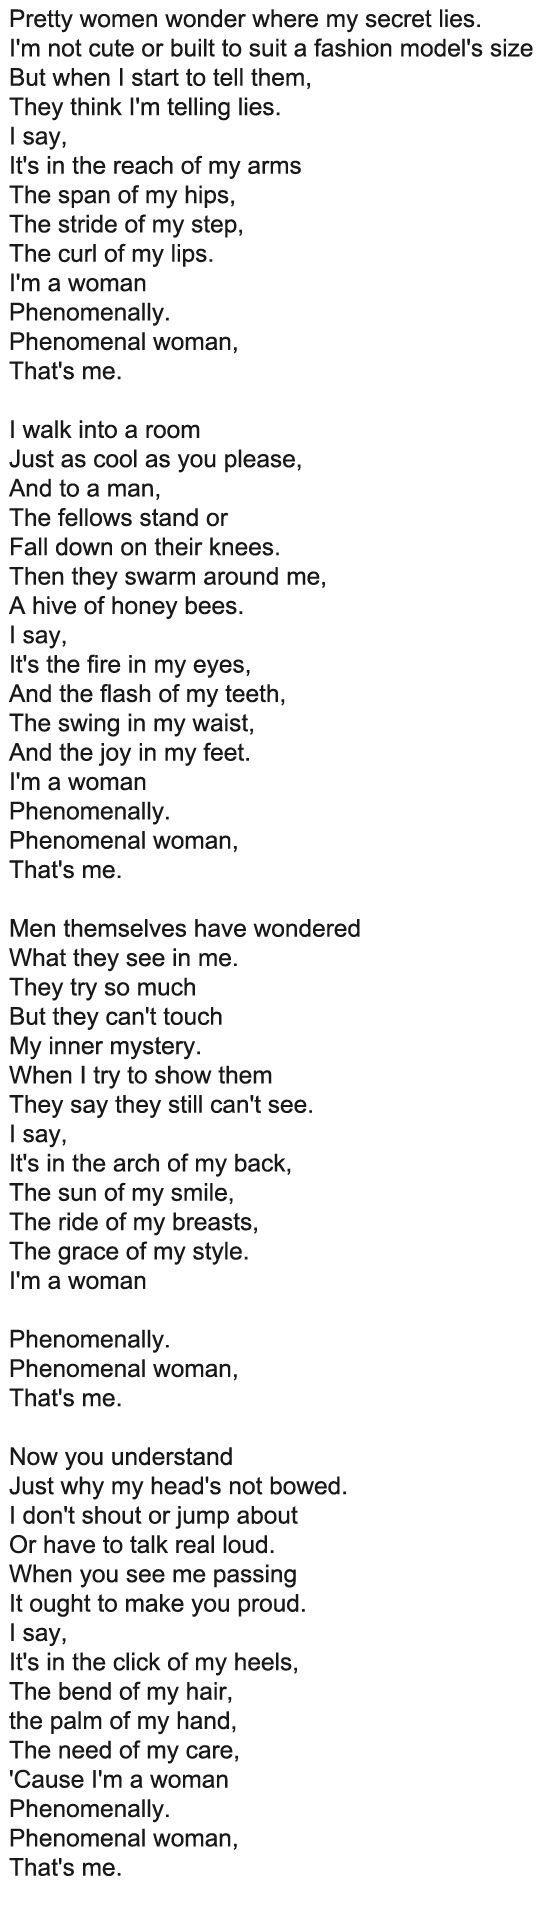 Pin On Belle Femme Beautiful Women Essay By Maya Angelou